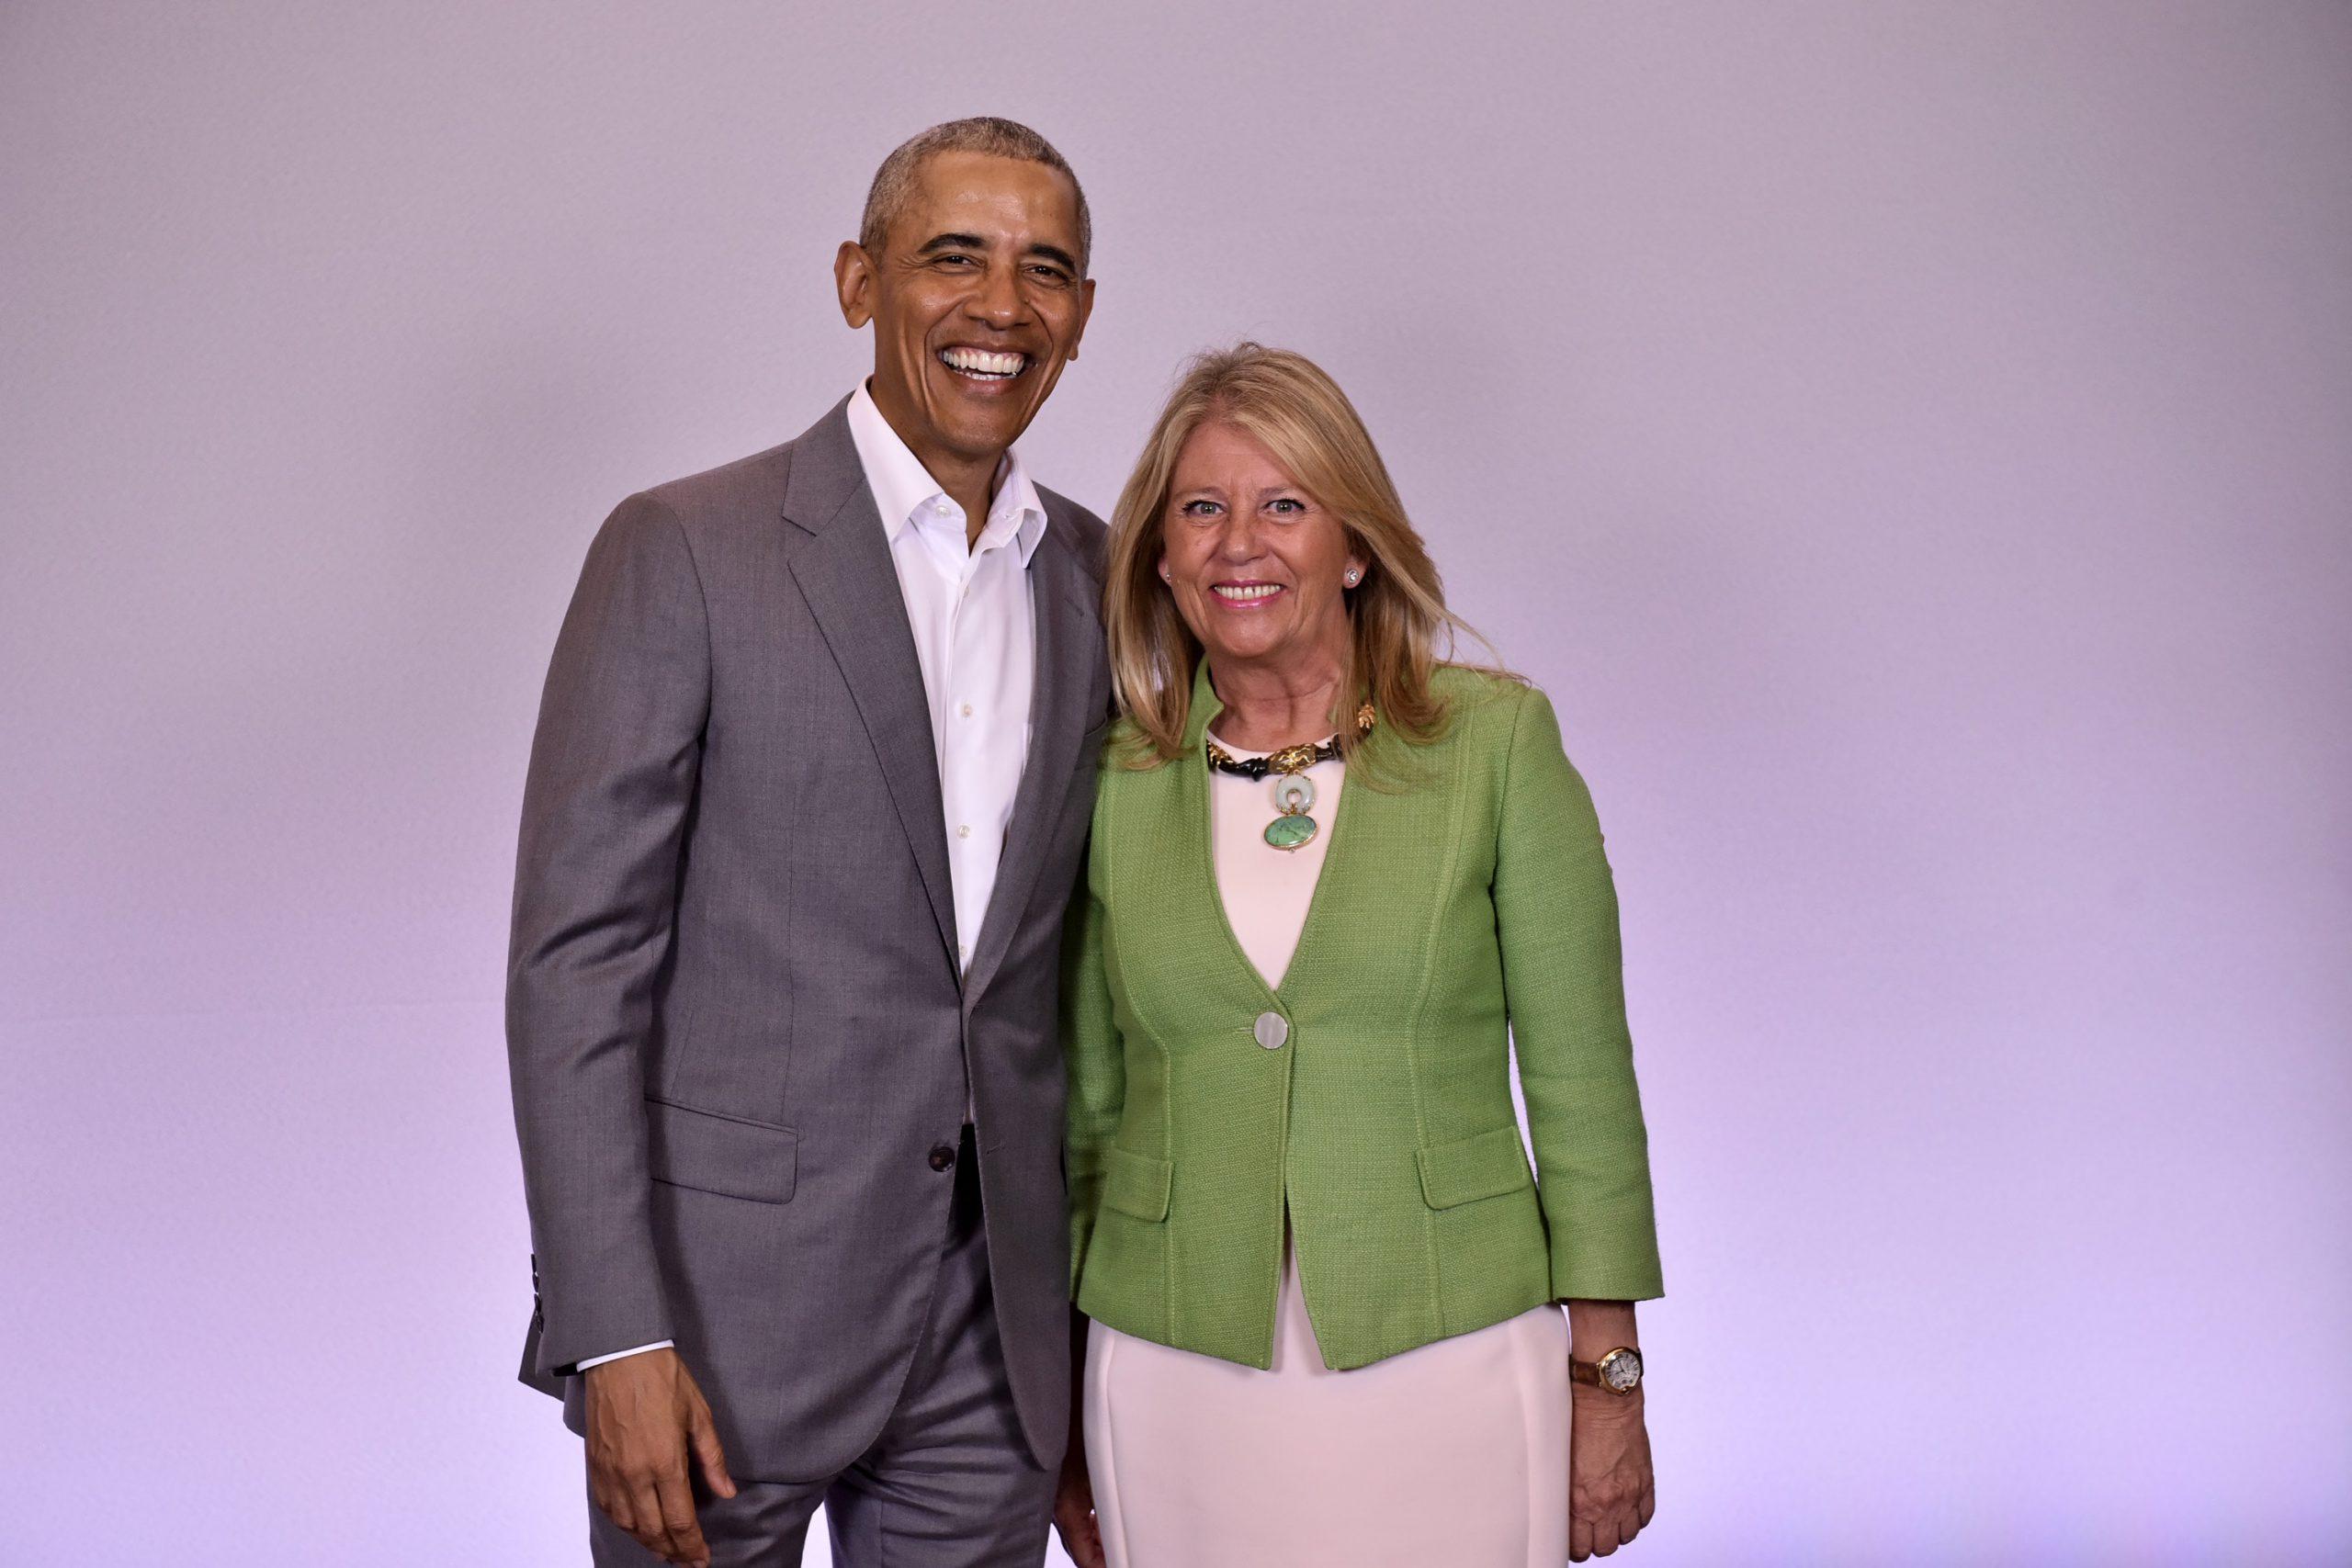 Barak Obama, invitado por el Ayuntamiento de Marbella a disfrutar de su oferta turística